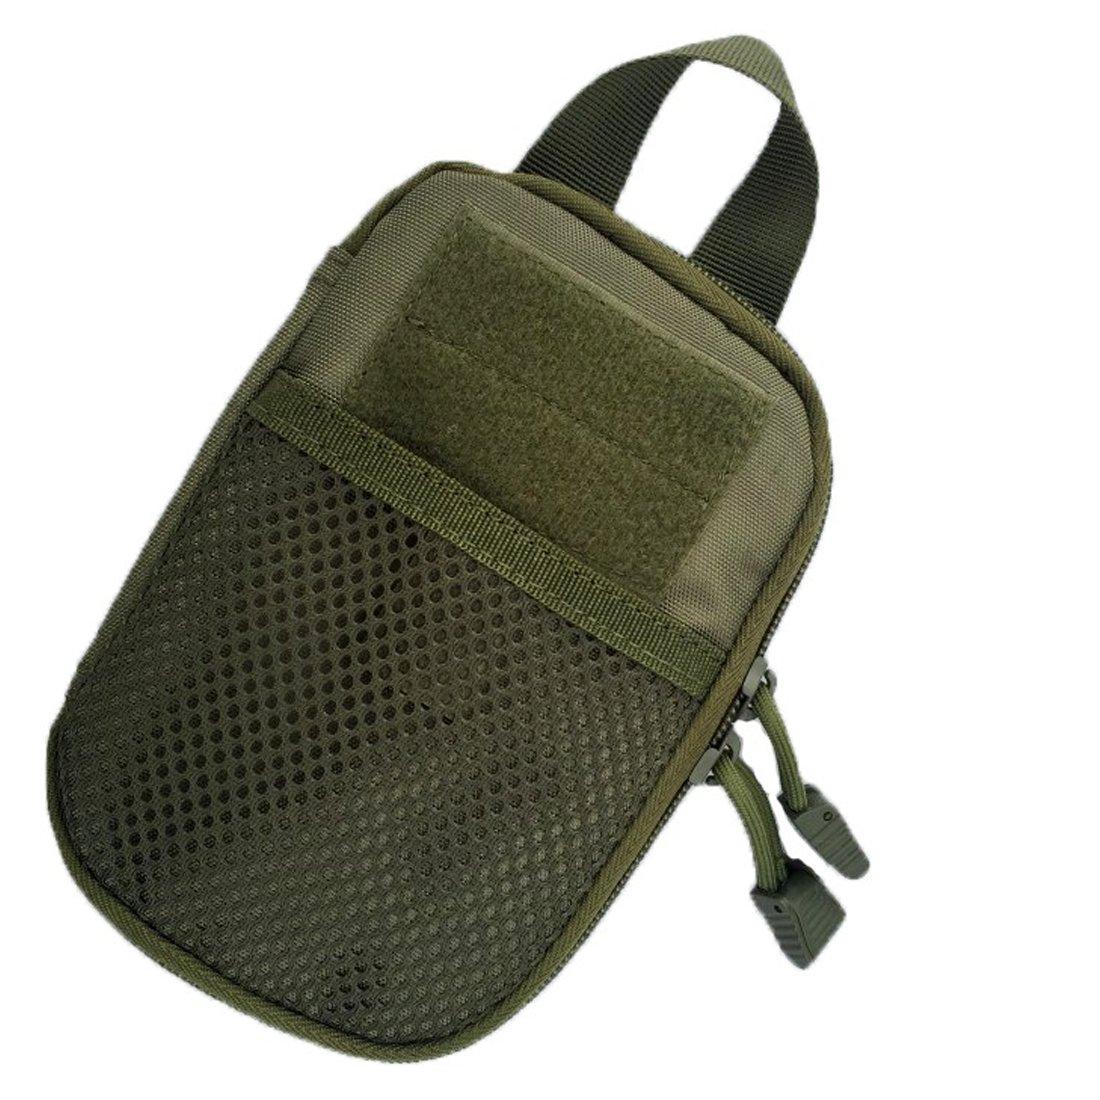 S-MAN 1000d Nylon Tactique Militaire EDC Molle Pouch 14cm Téléphone Sacs